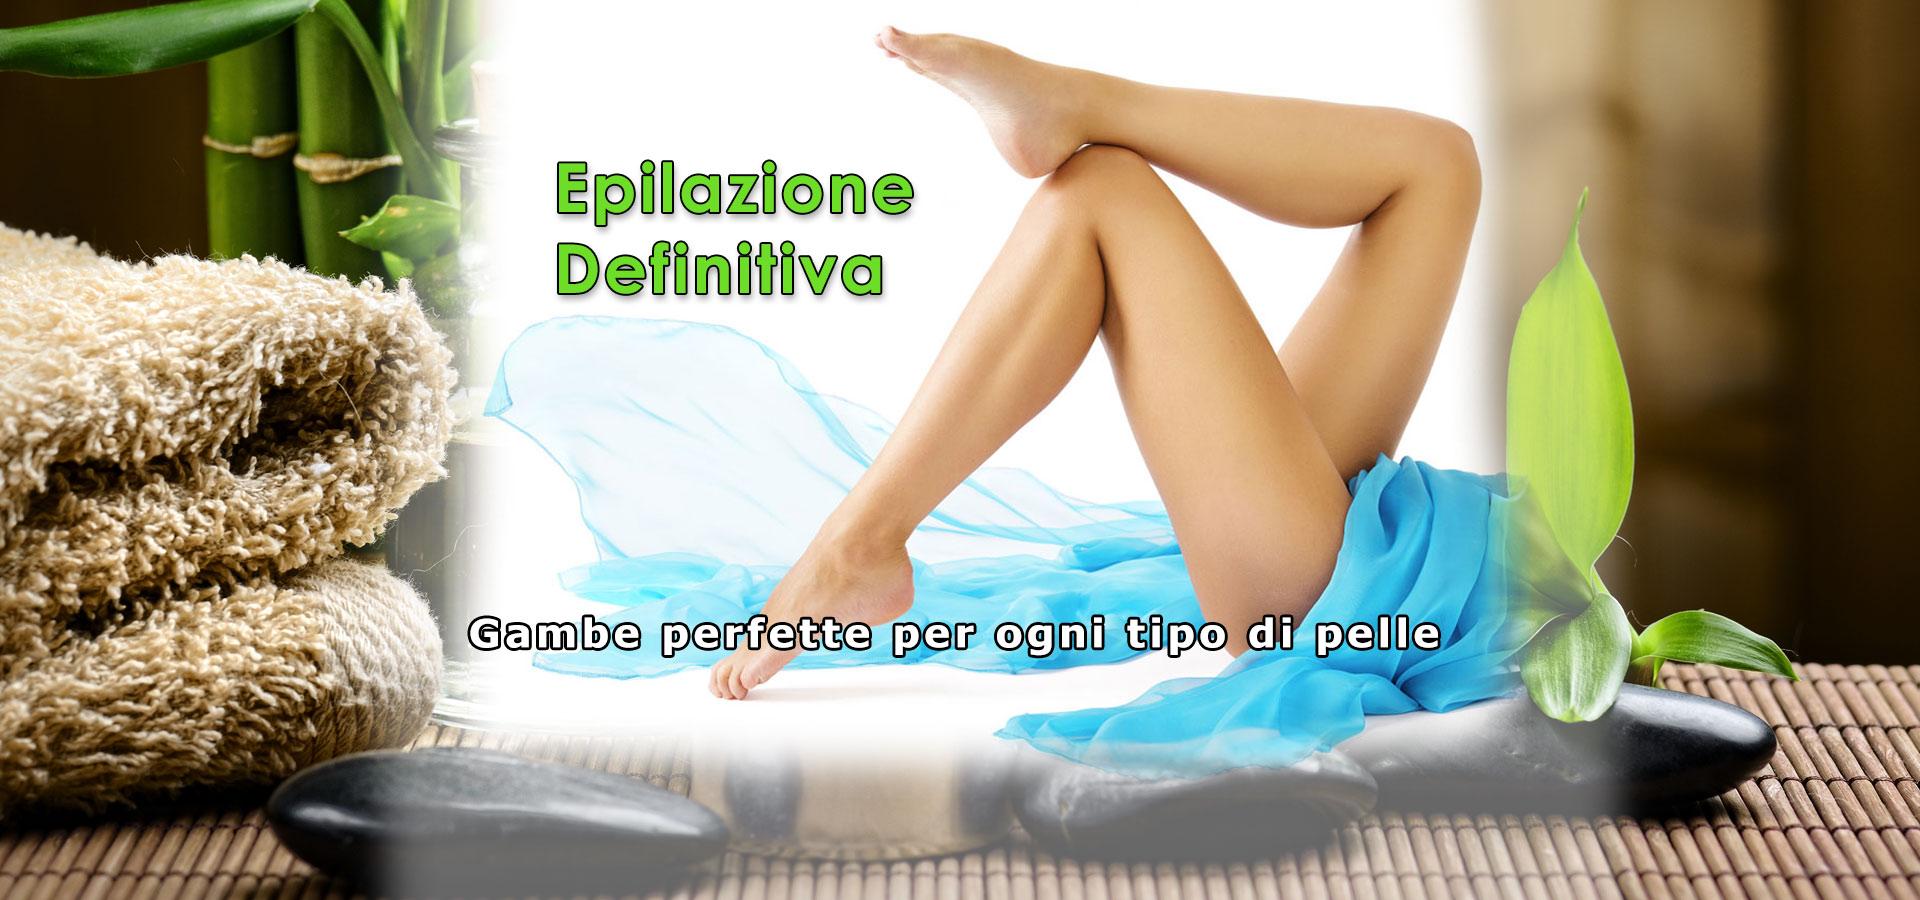 epilazione-definitiva-centro-medico-estetico-lariano-08